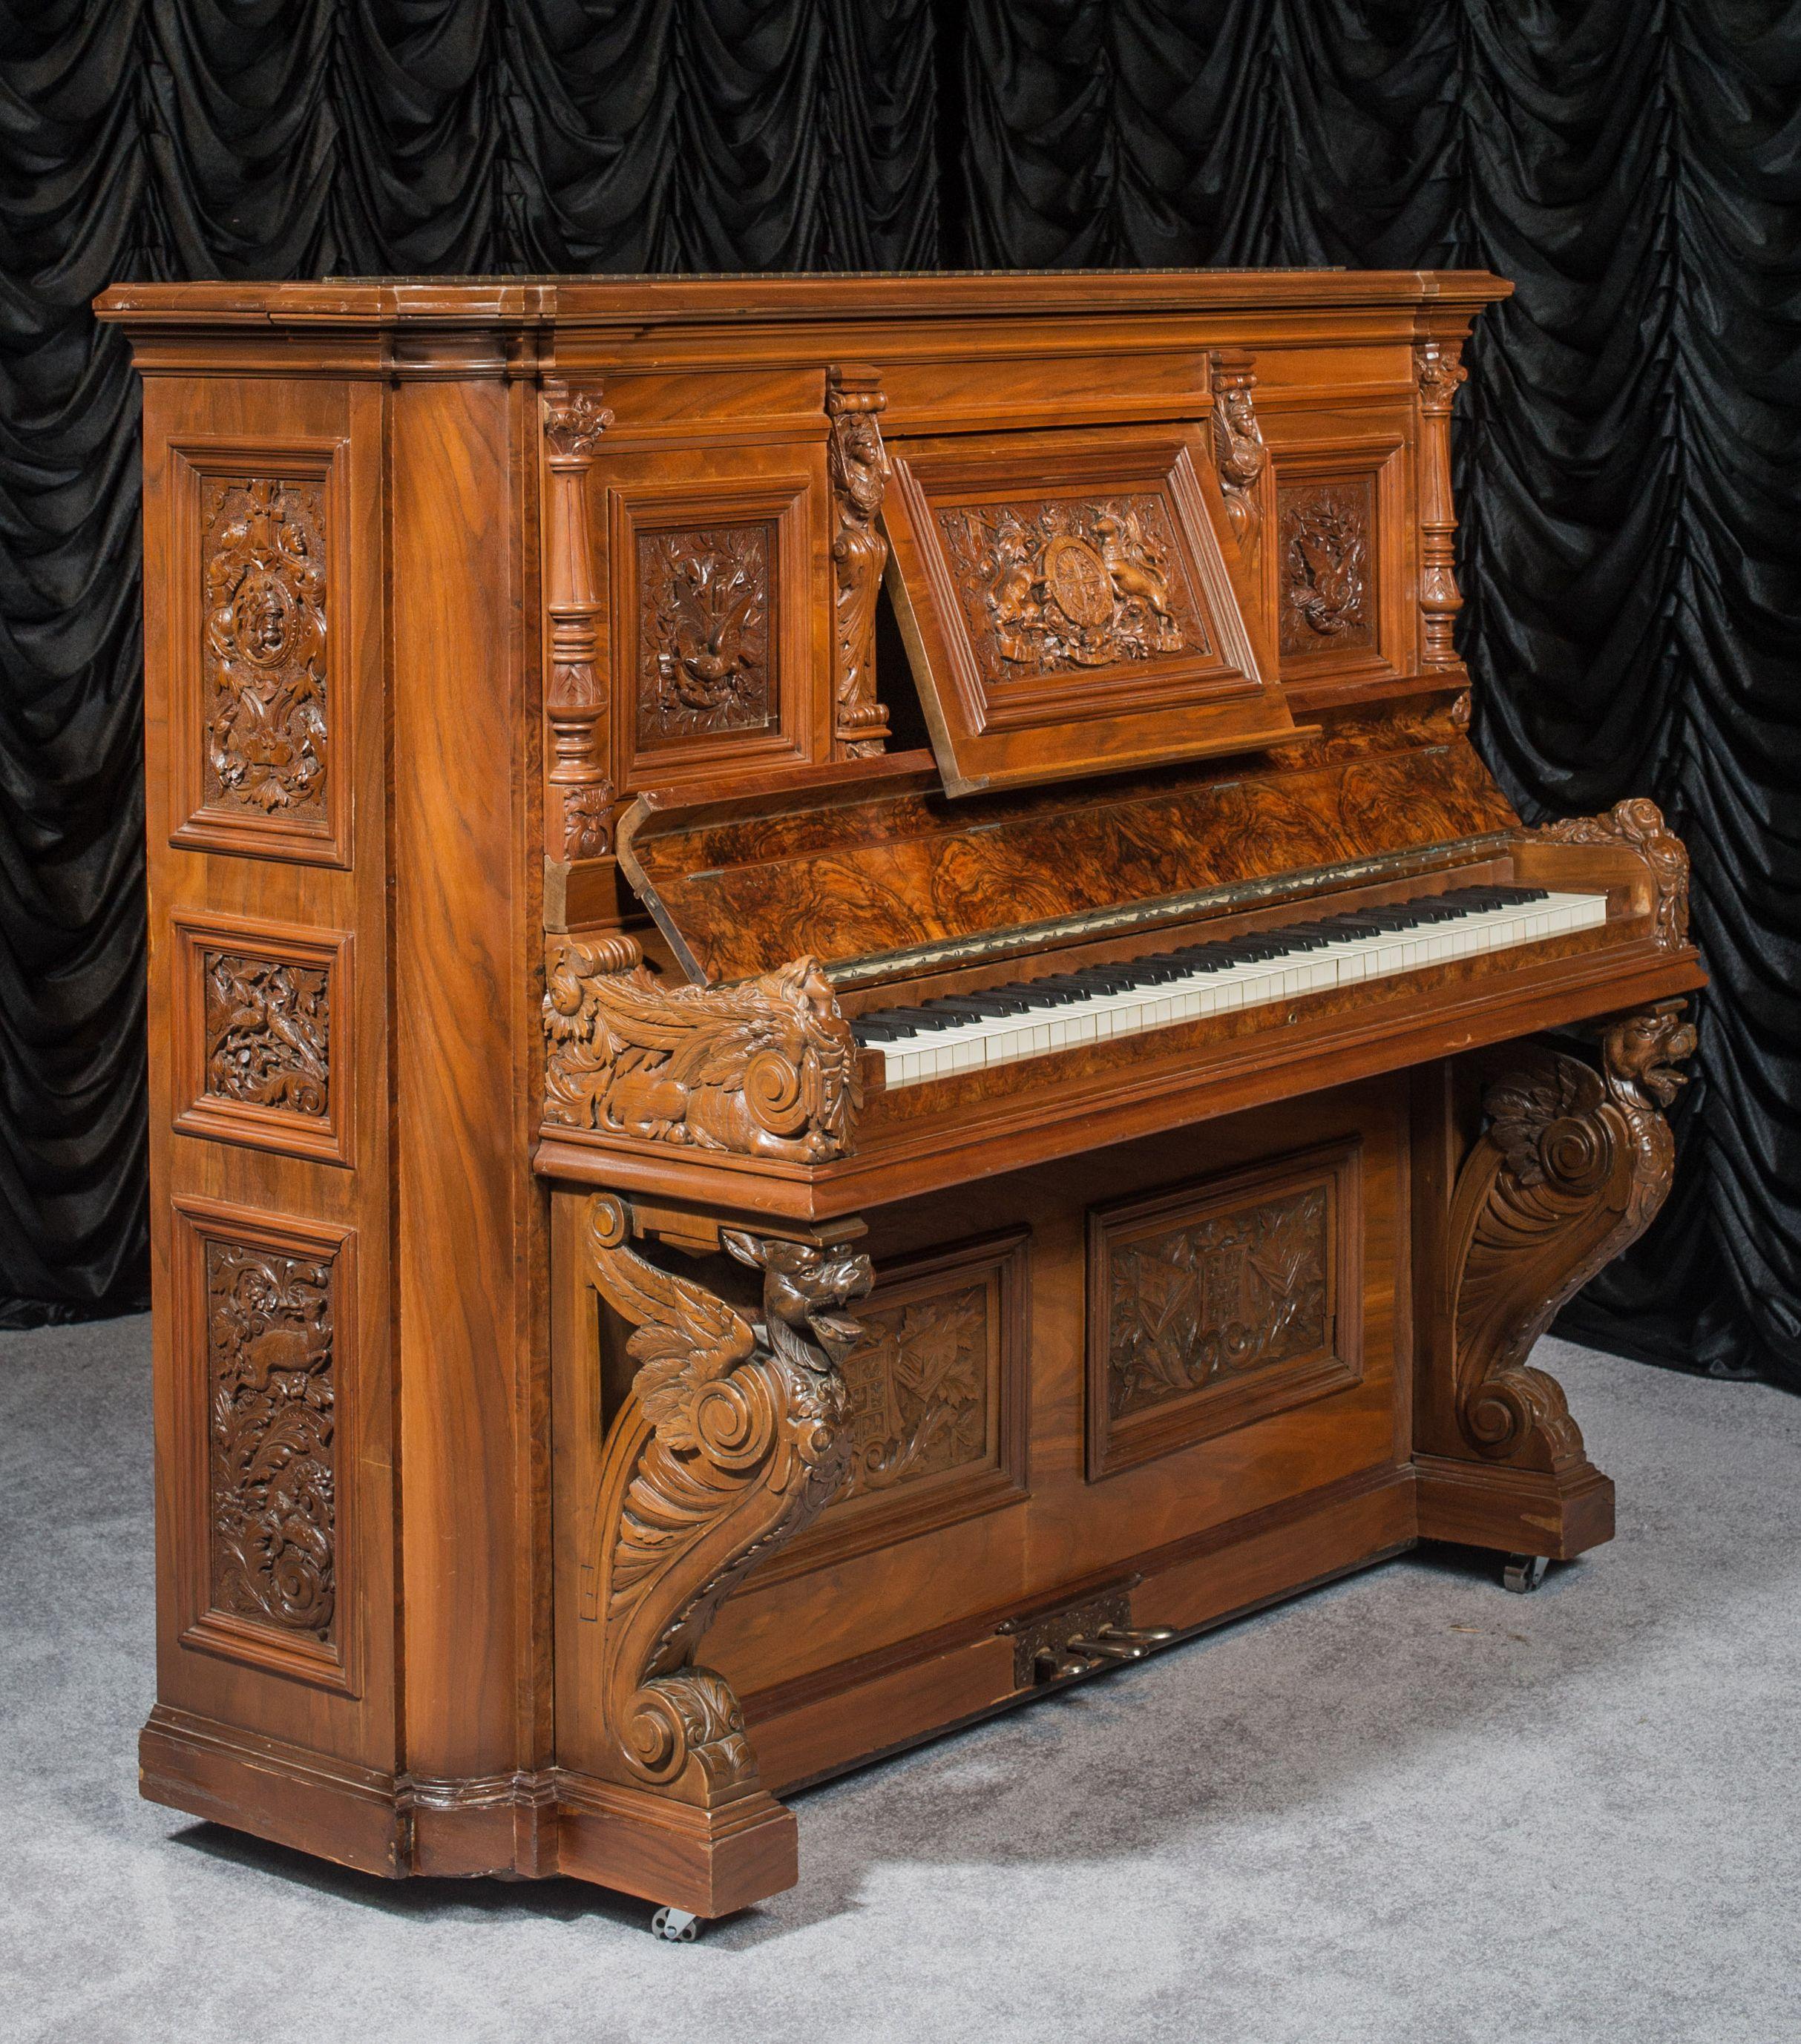 H F Hoerr Custom Made Canadian Upright Piano Piano Piano Shop